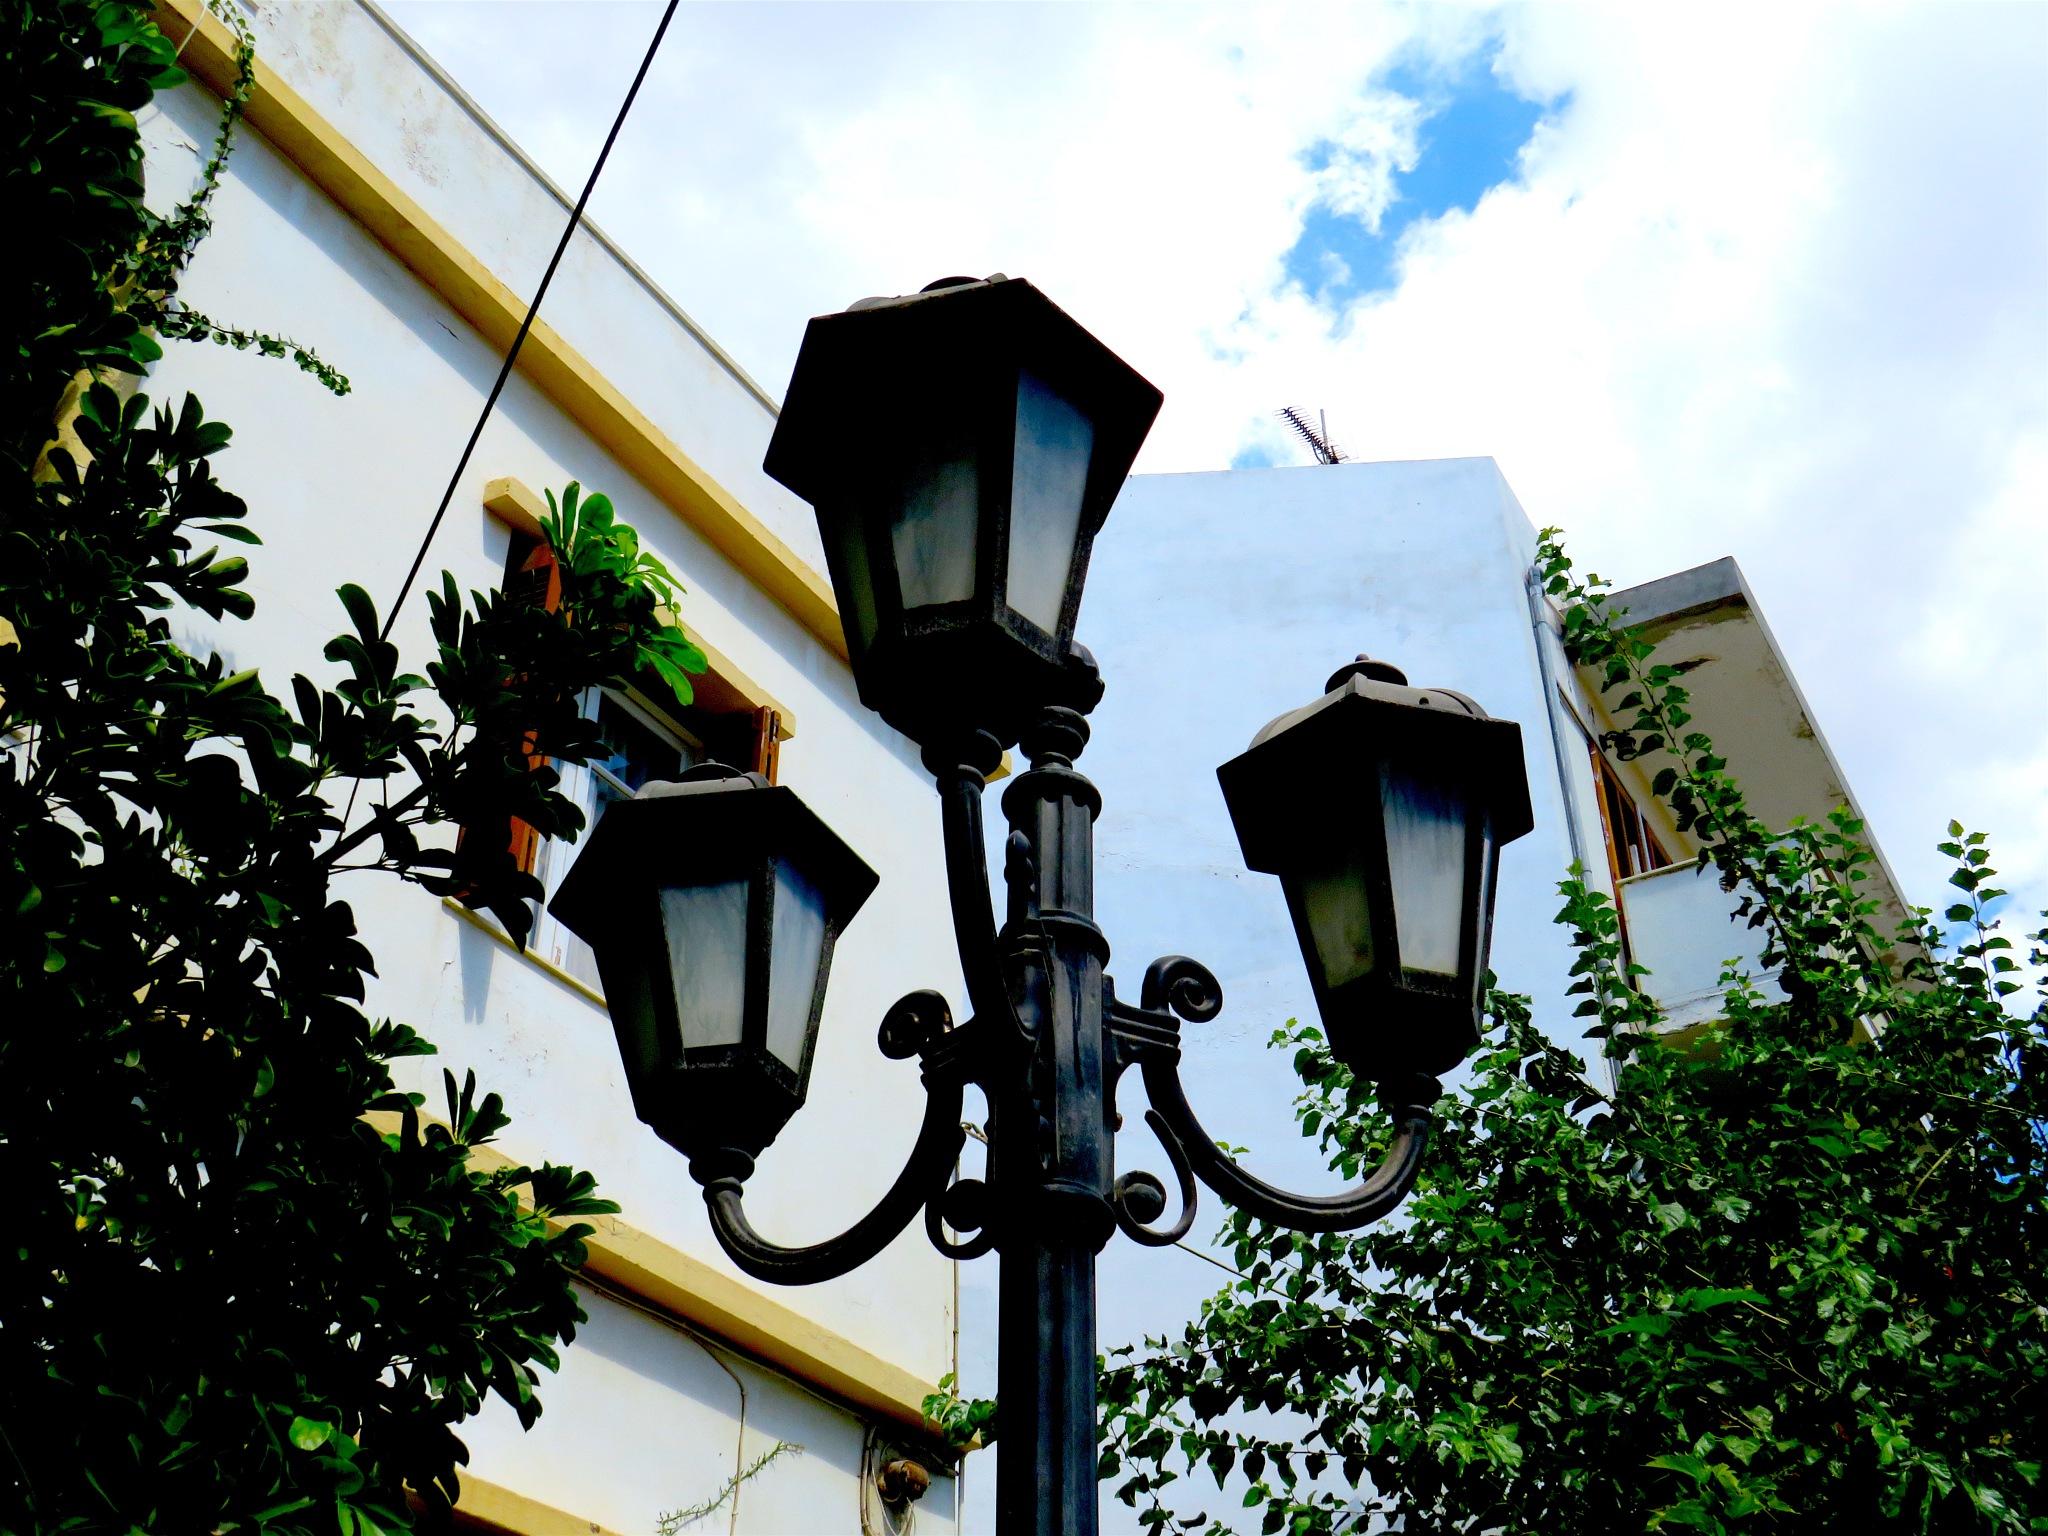 Lamps A by Ddolfelin